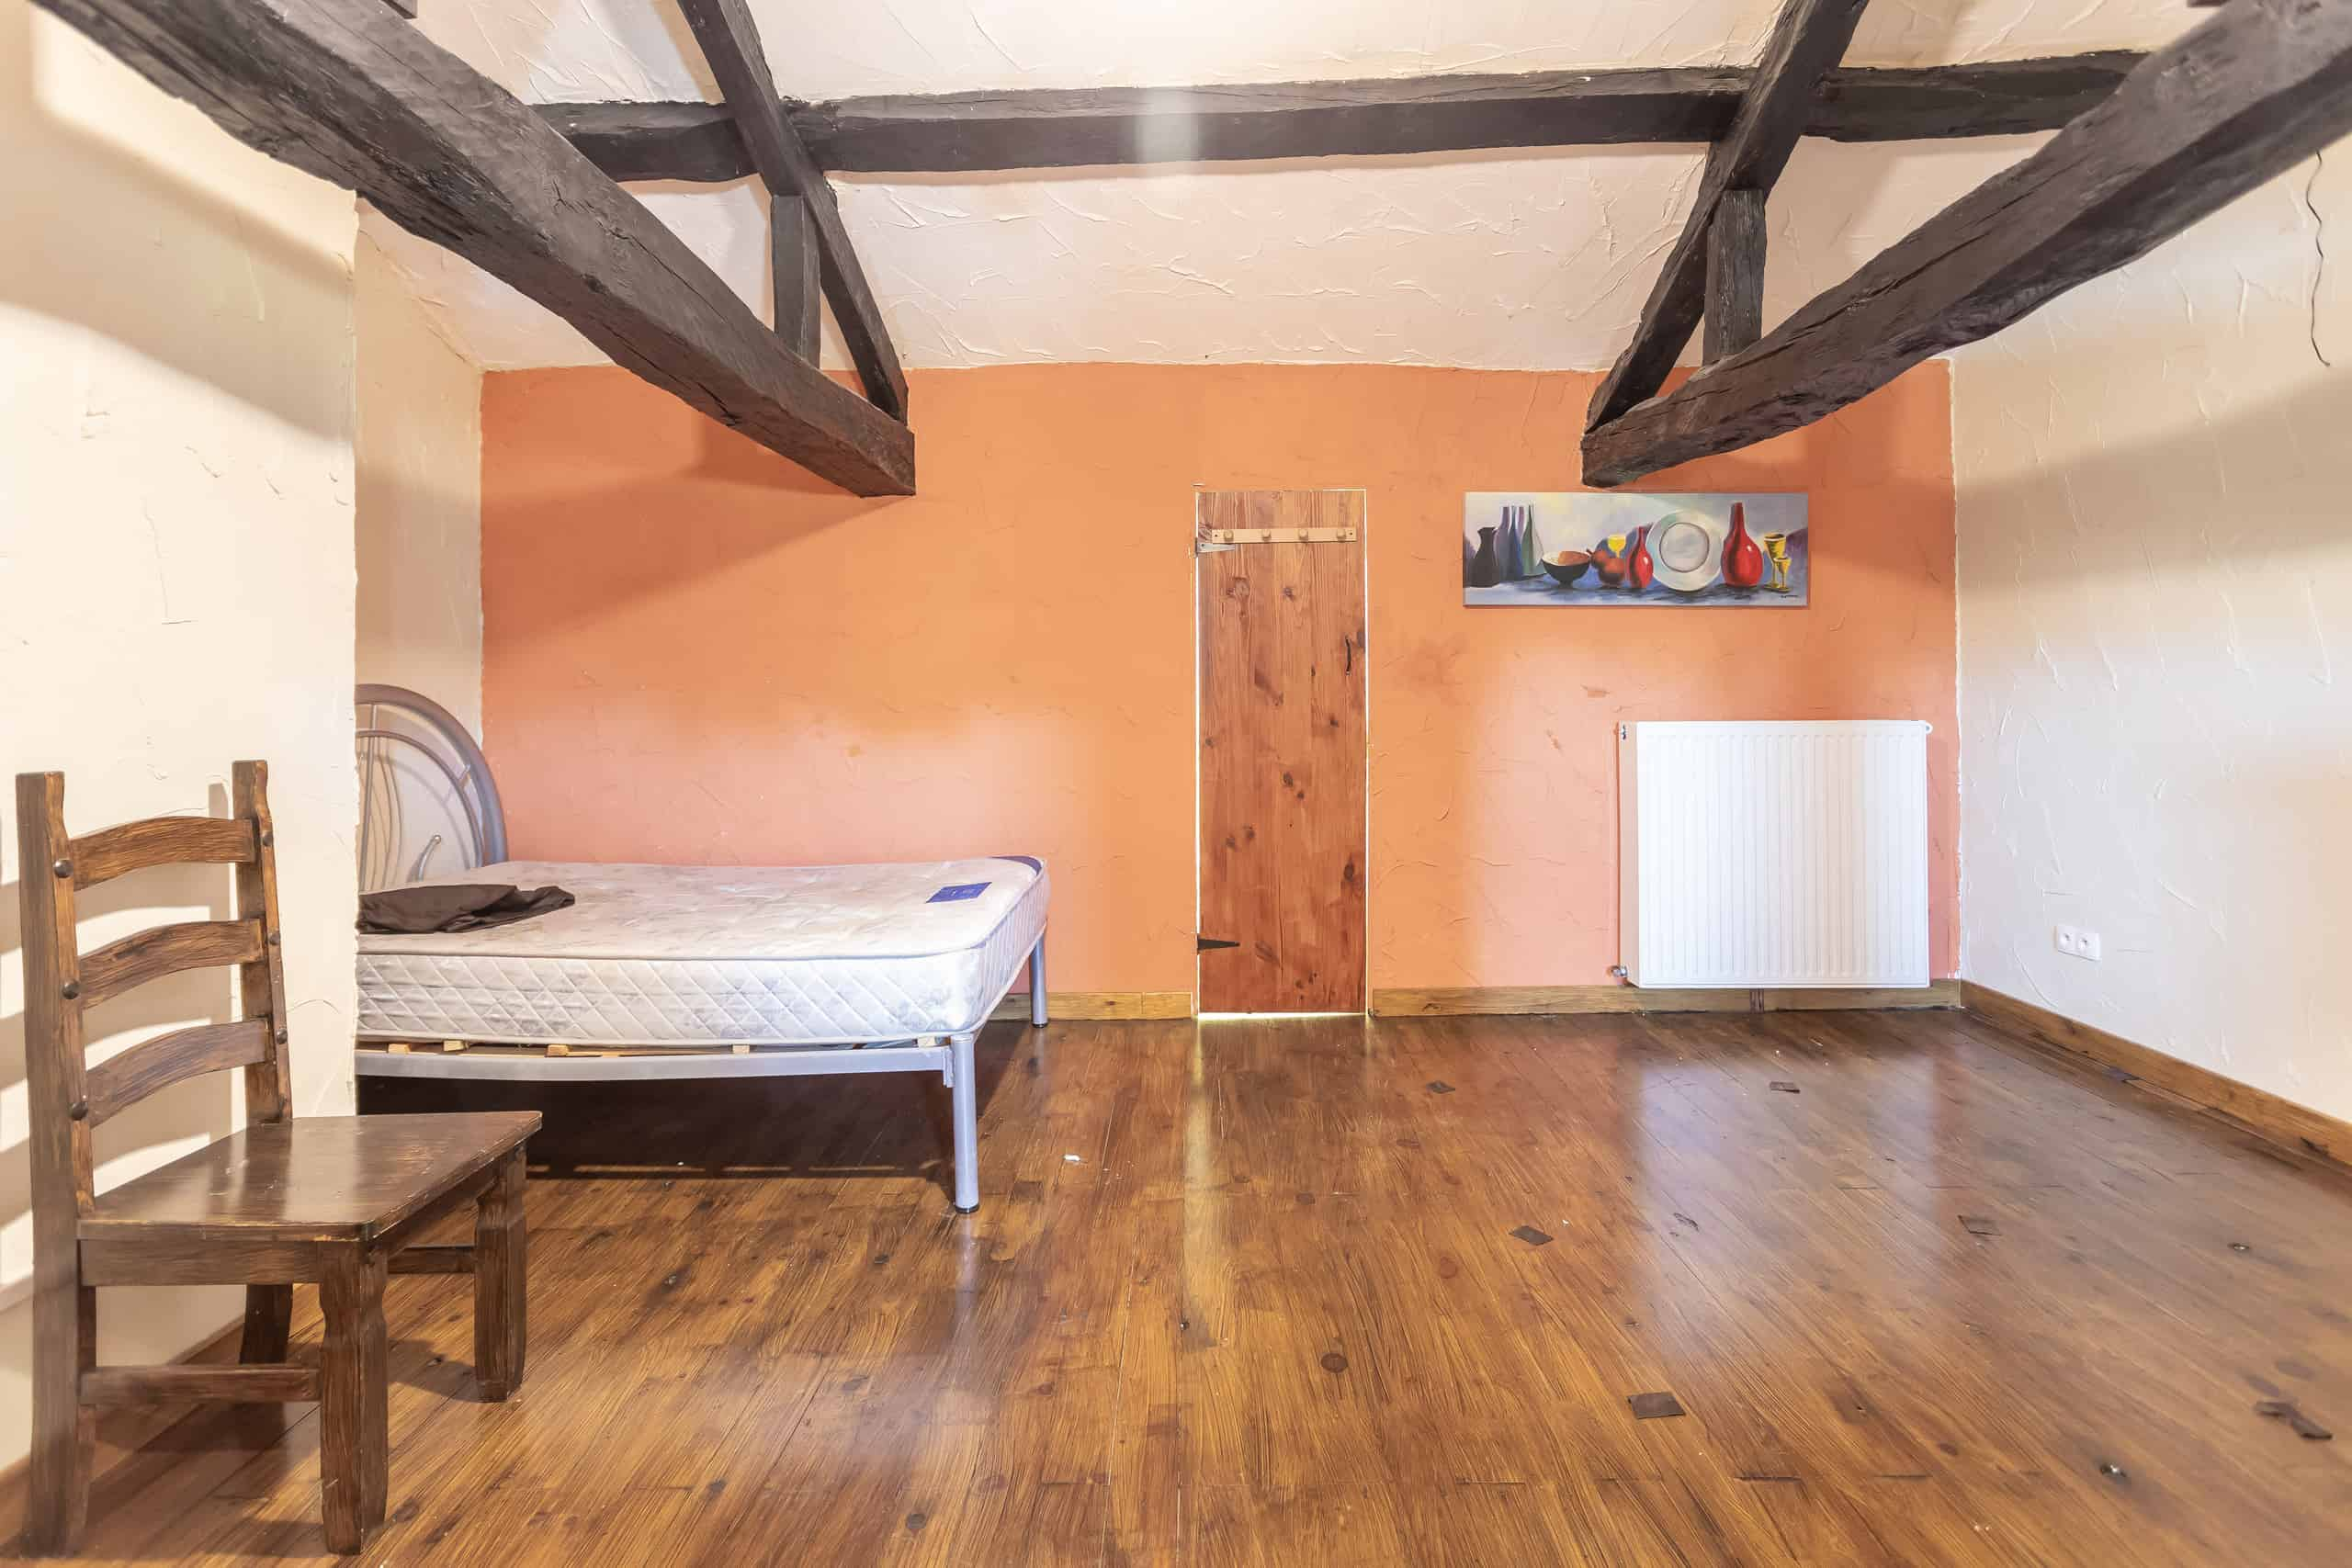 Bedroom-4-WMC023